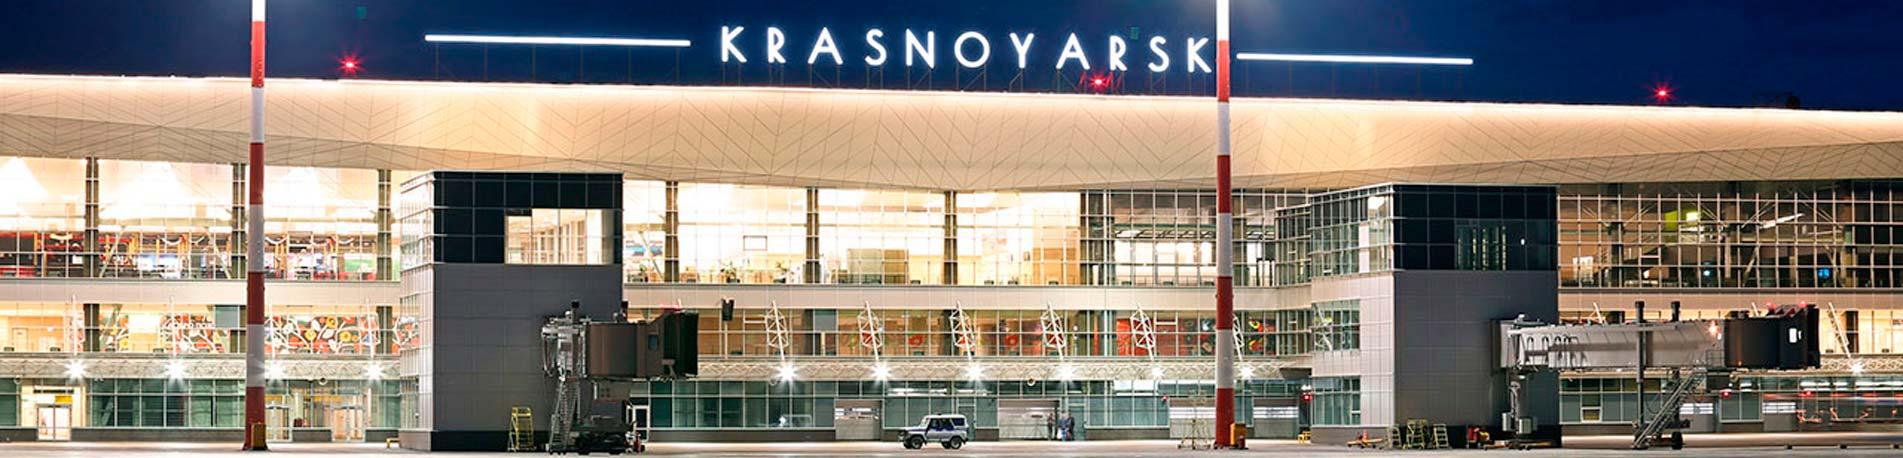 Аэропорт Красноярска купить авиабилет